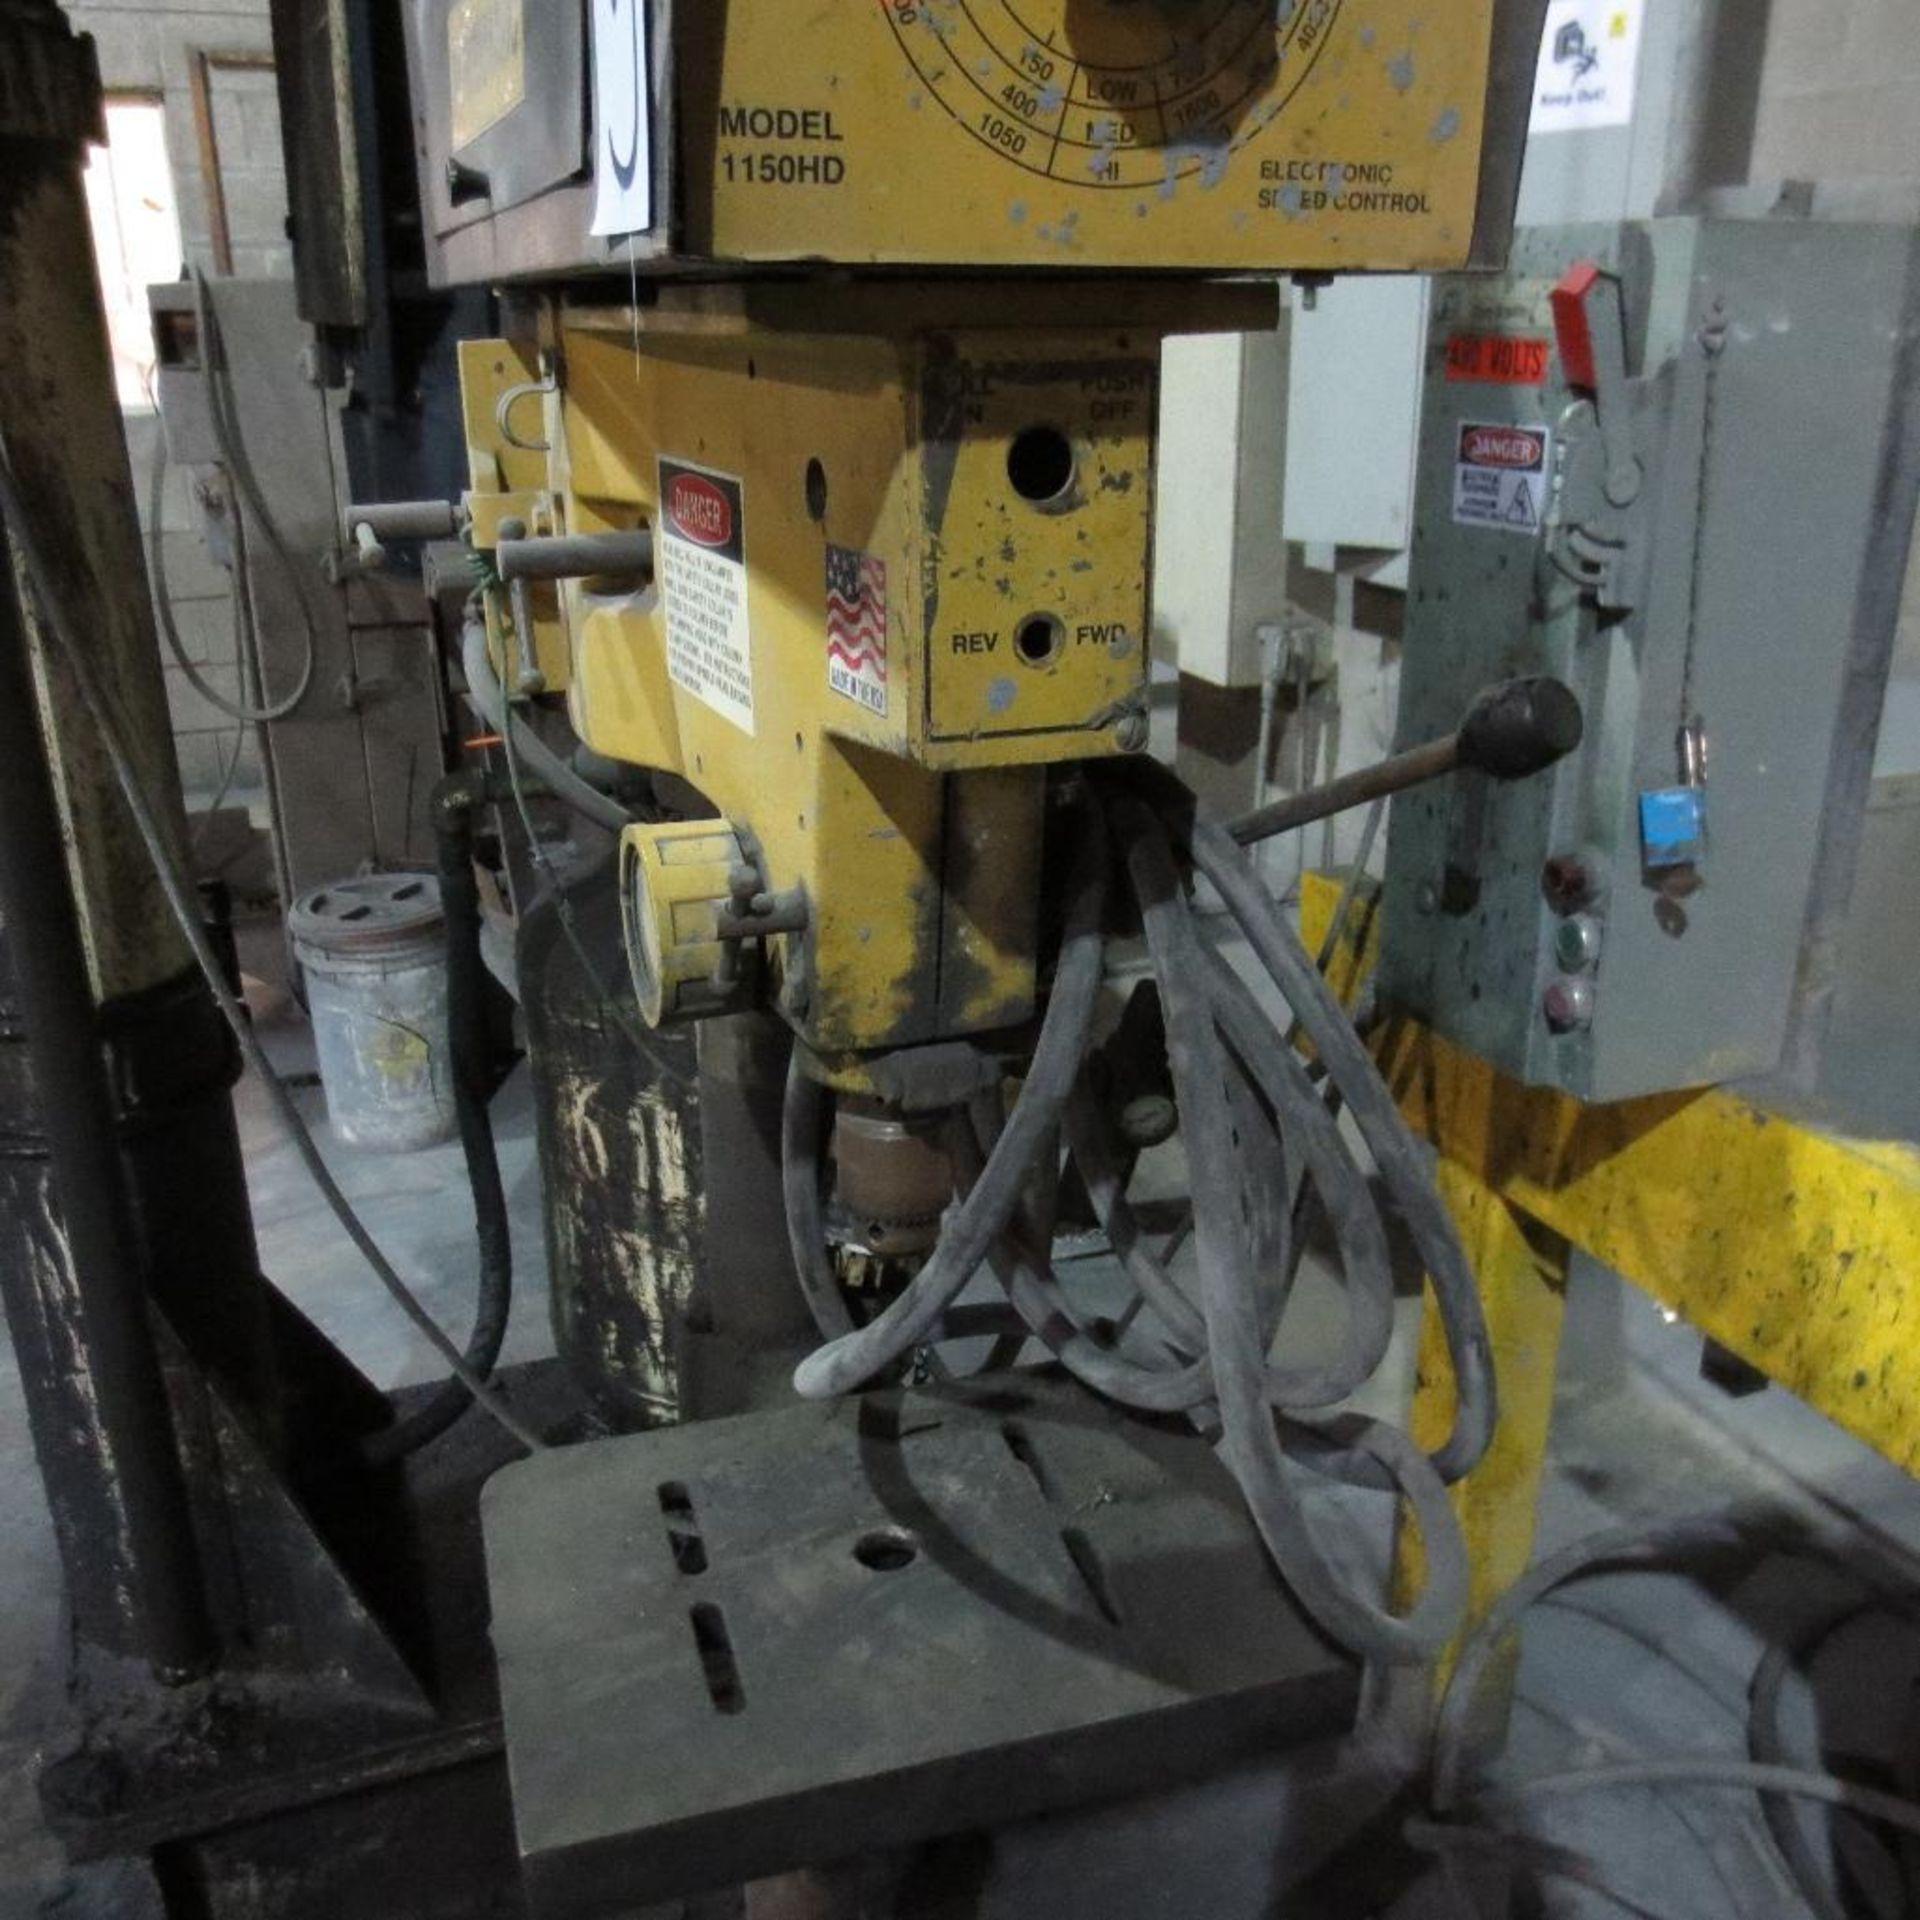 Lot 3 - Powermatic Model 1150 Drill Press